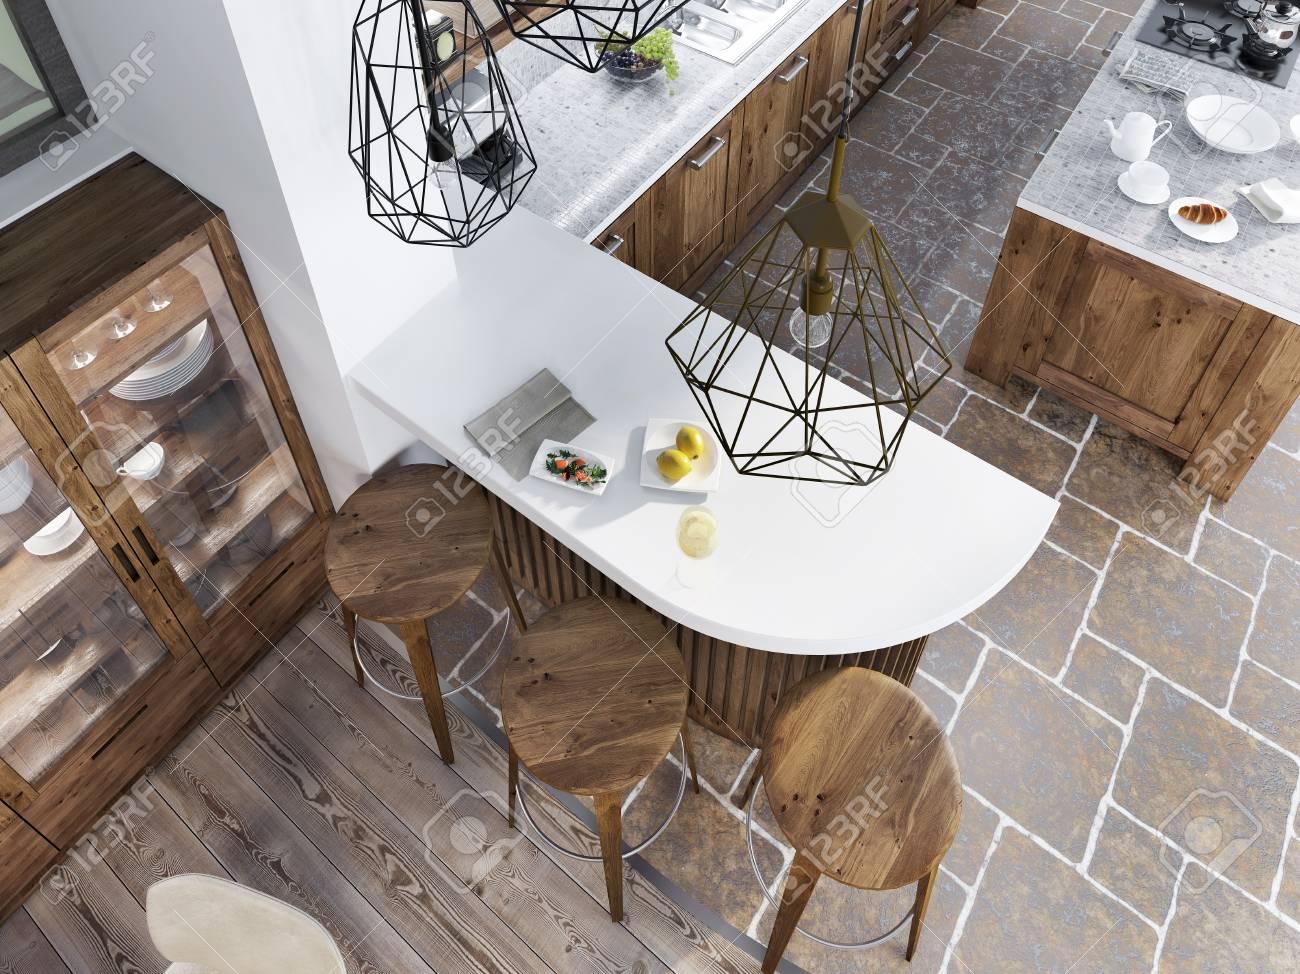 カウンター キッチン 椅子